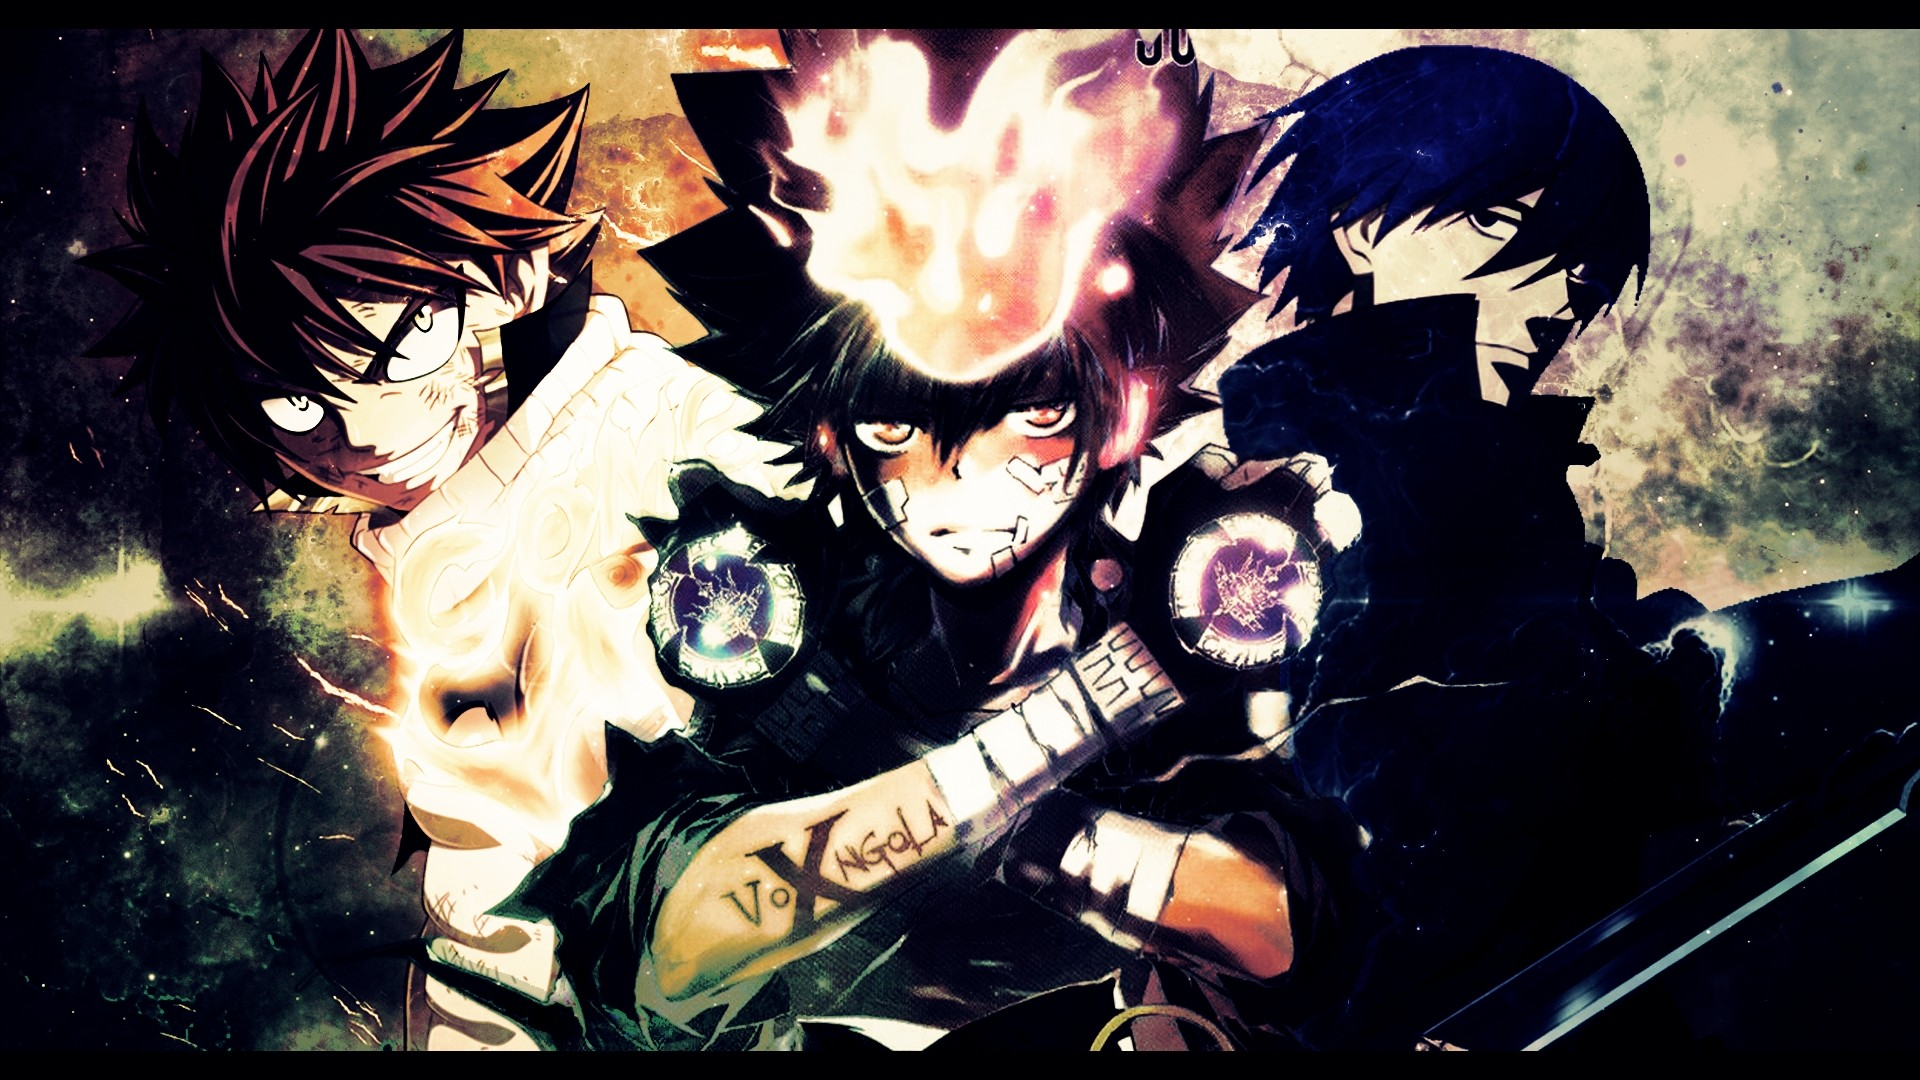 Anime Vampire Girl Wallpaper